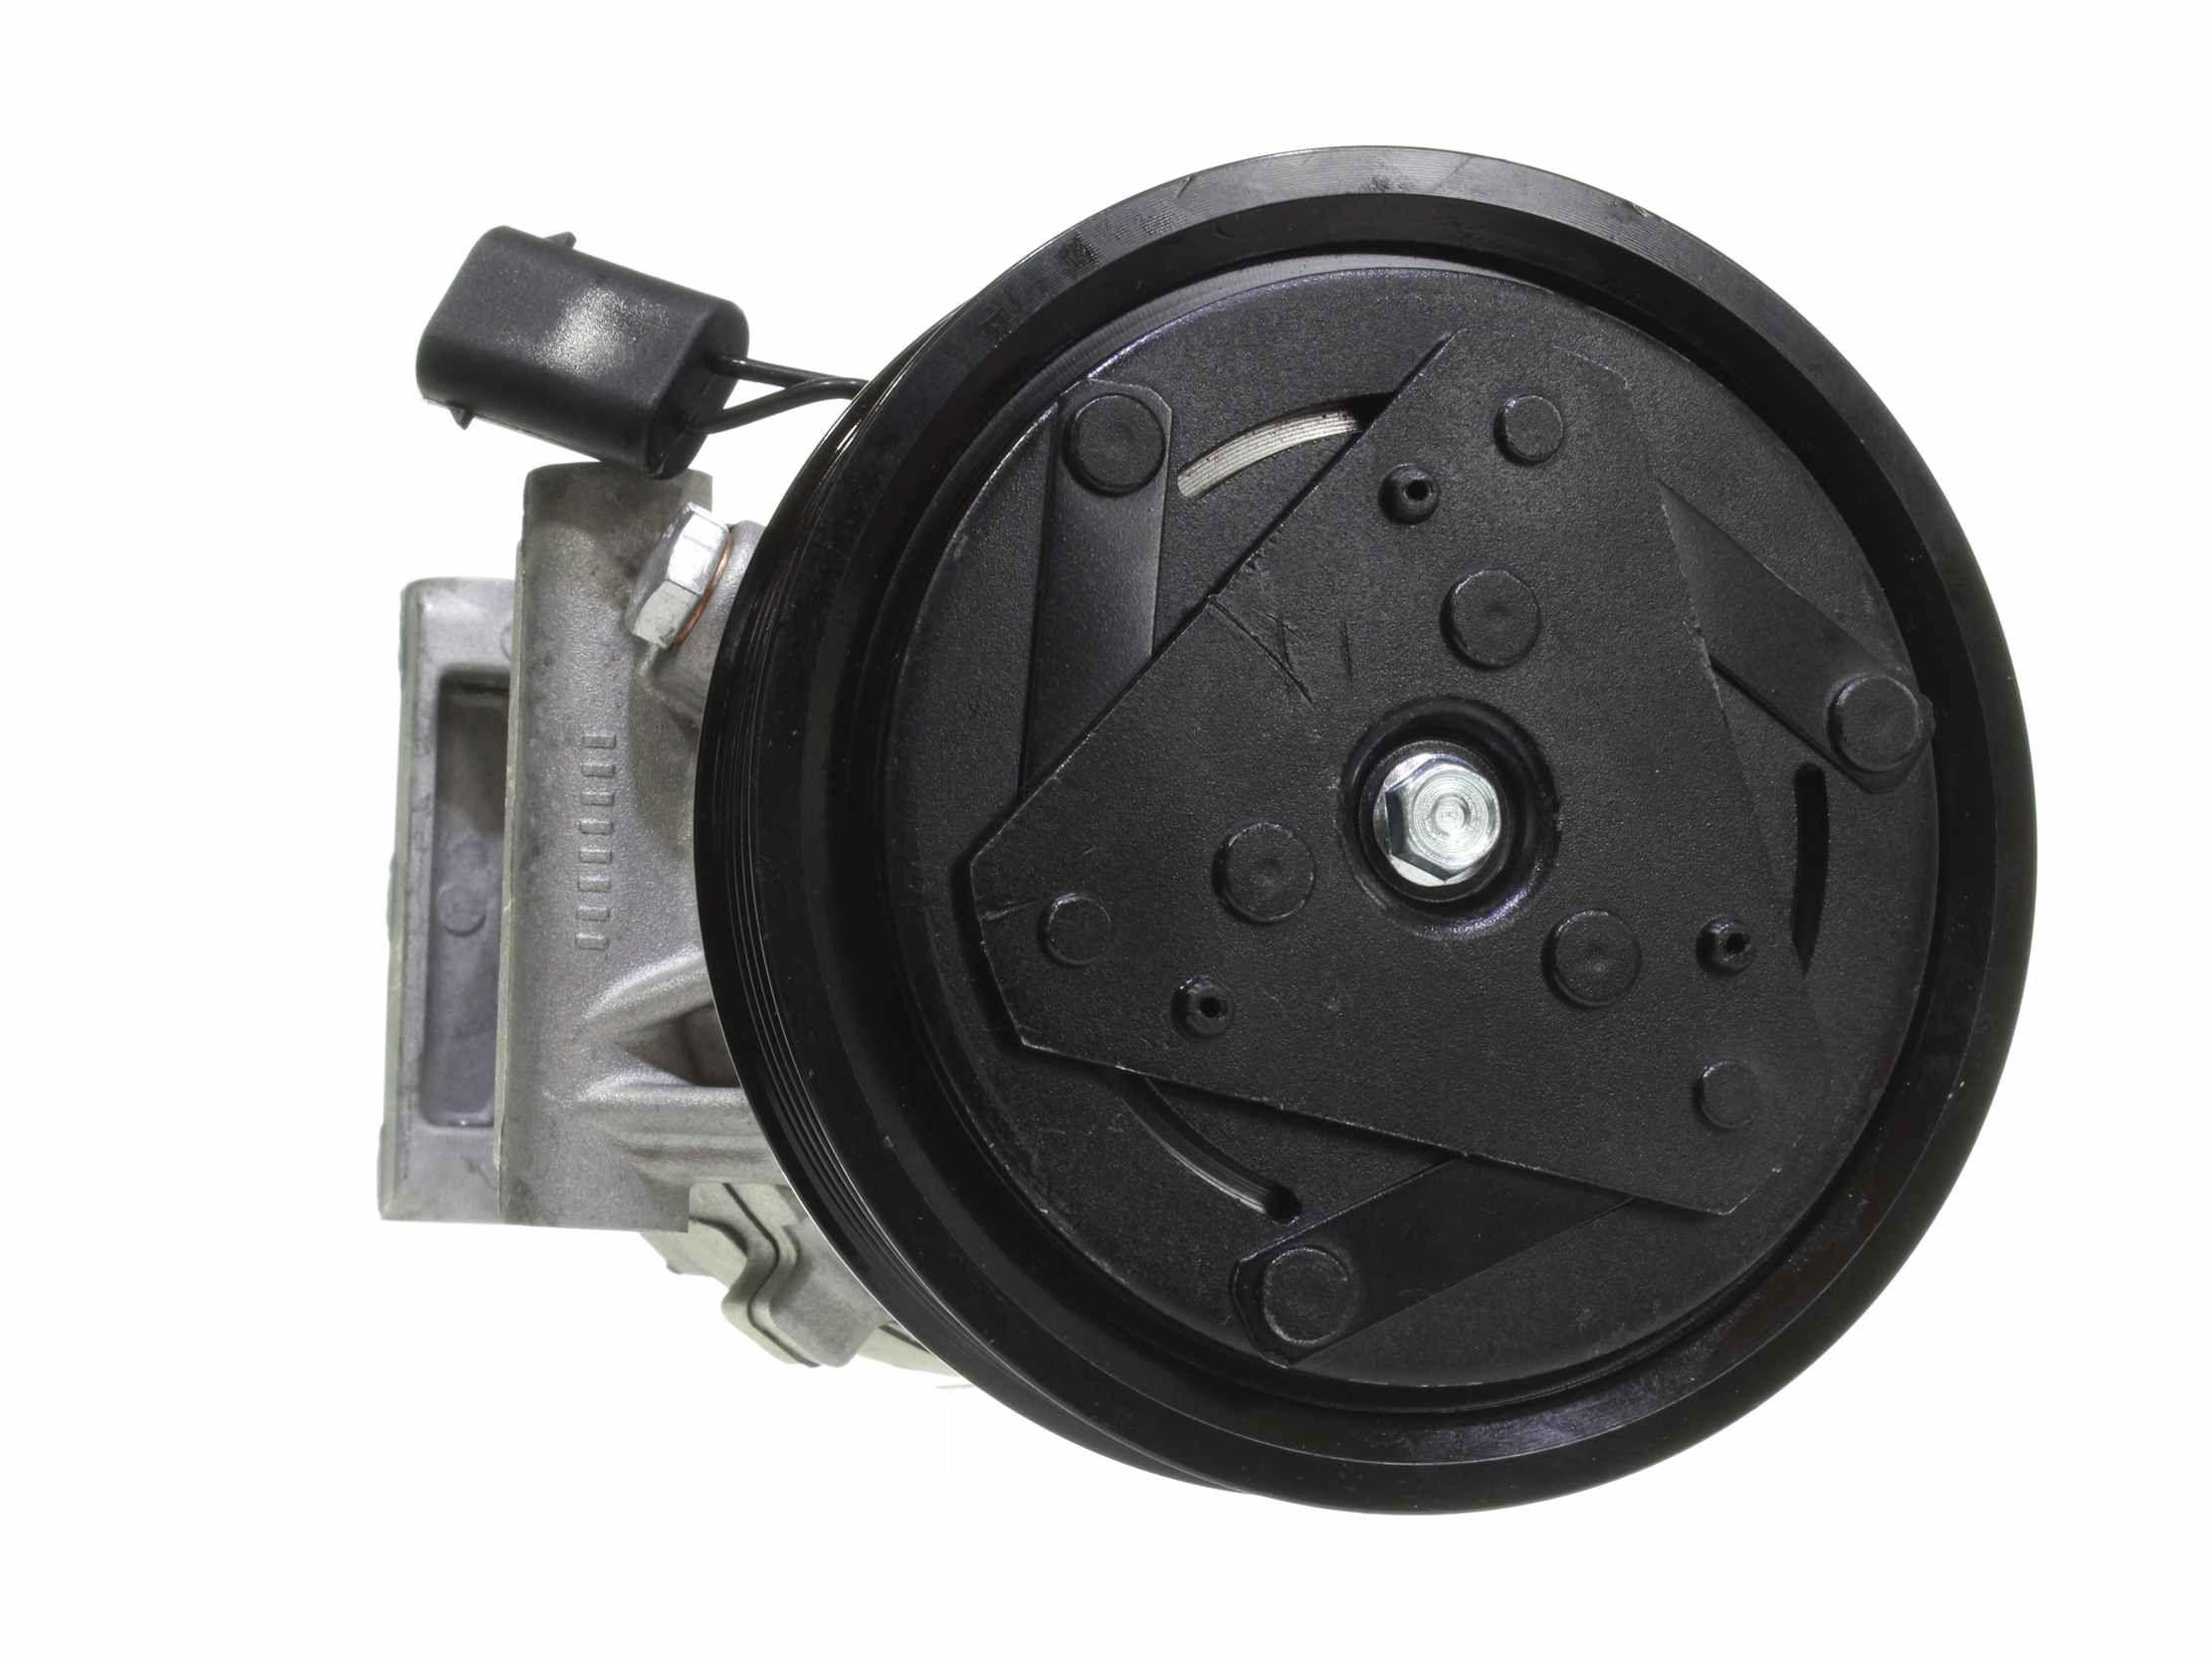 10550403 Kompressor, Klimaanlage ALANKO in Original Qualität